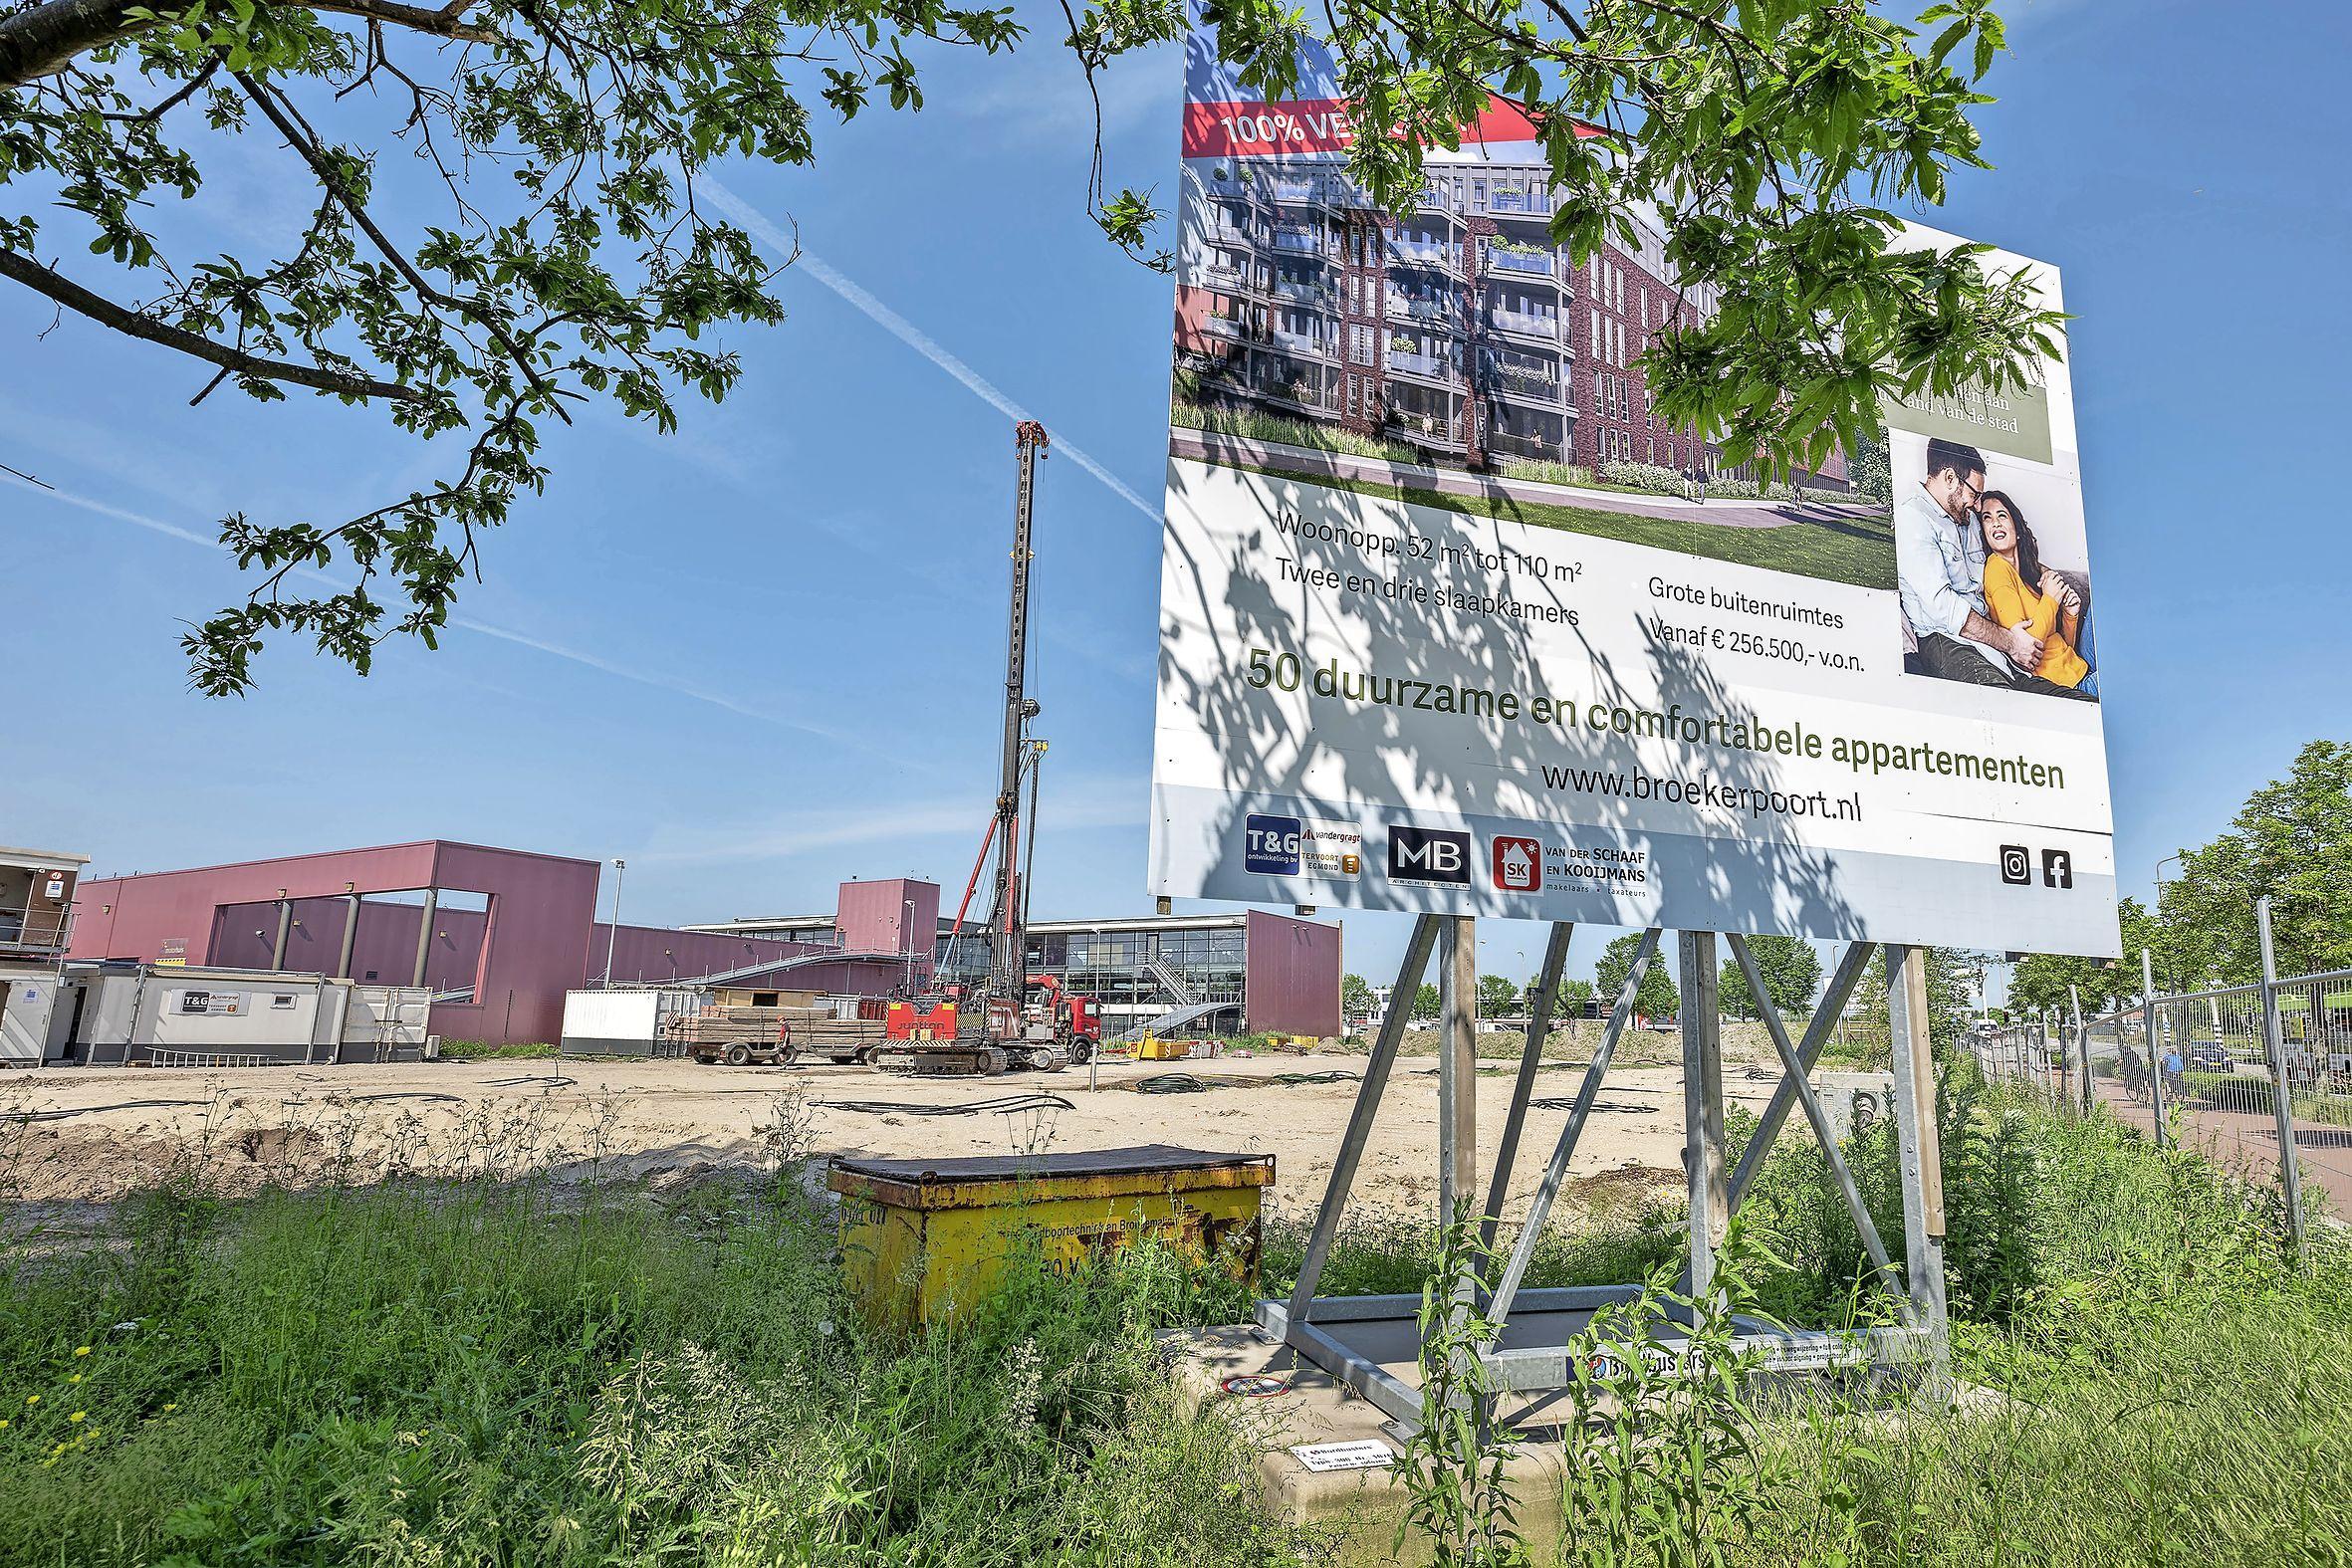 Vanaf ongeveer 250.000 euro wonen in Broekerpoort naast Motorhuis Velserbroek